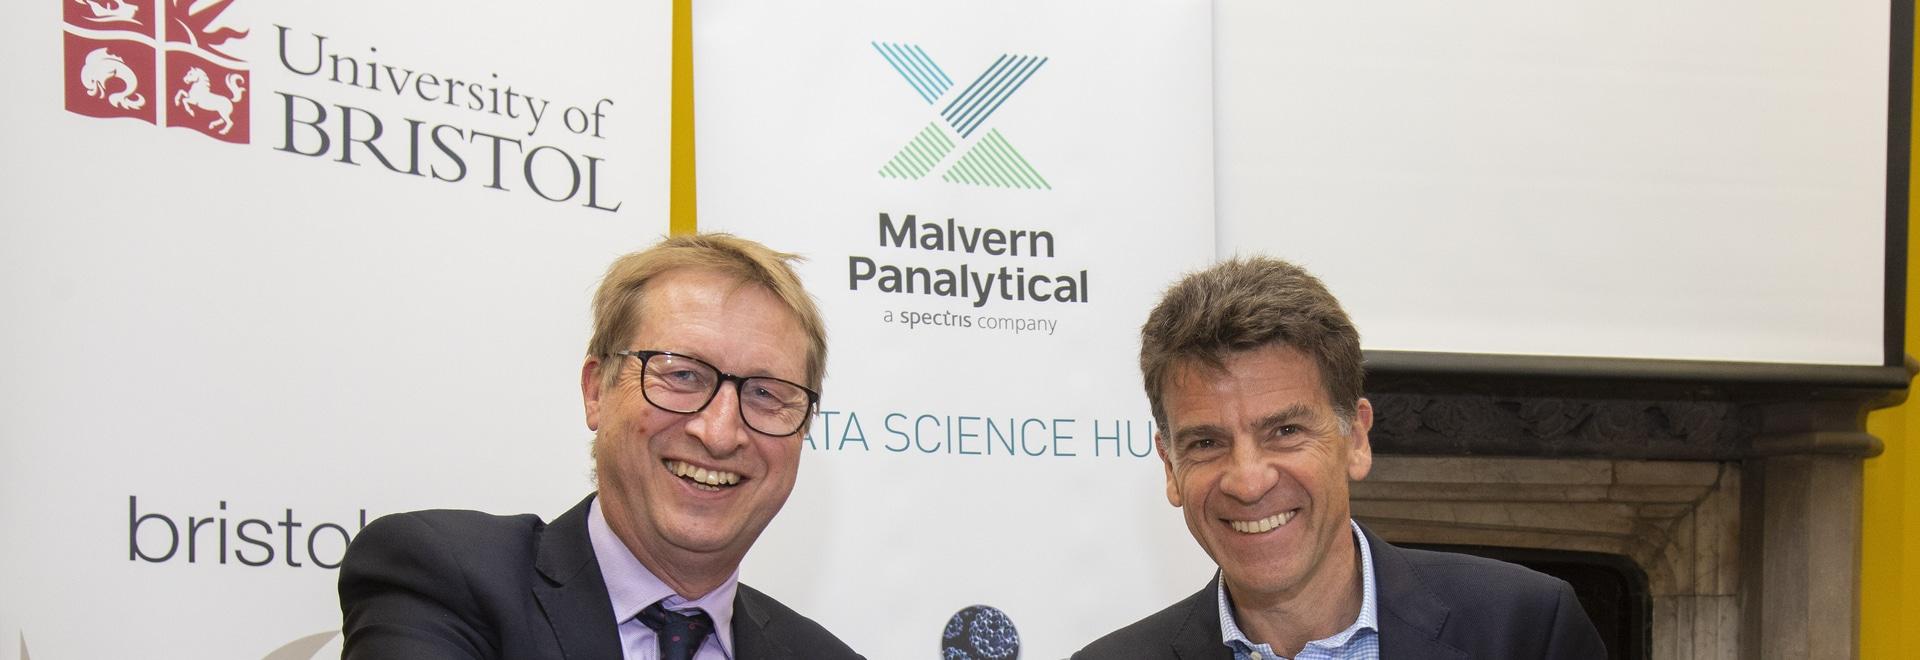 Colaboración entre la Universidad de Bristol y Malvern Panalytical para impulsar la experiencia en ciencia de datos y tecnologías digitales